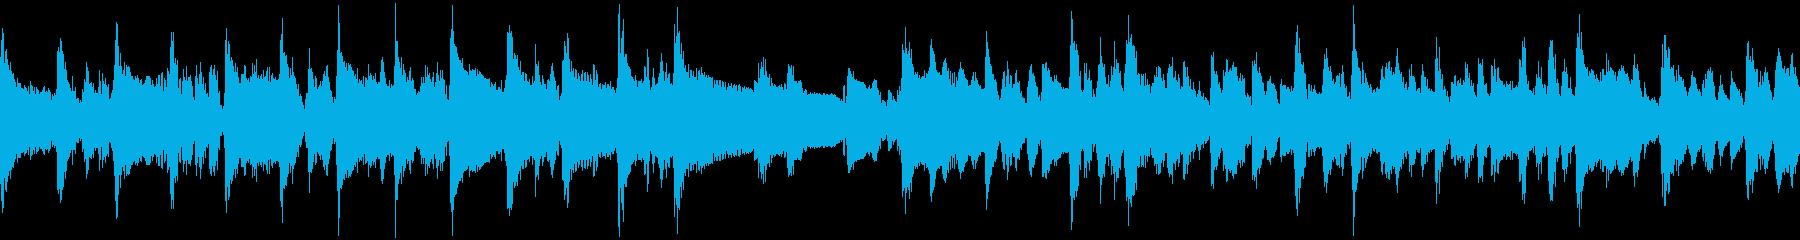 シンプルで美しいウケレの歌、フレン...の再生済みの波形